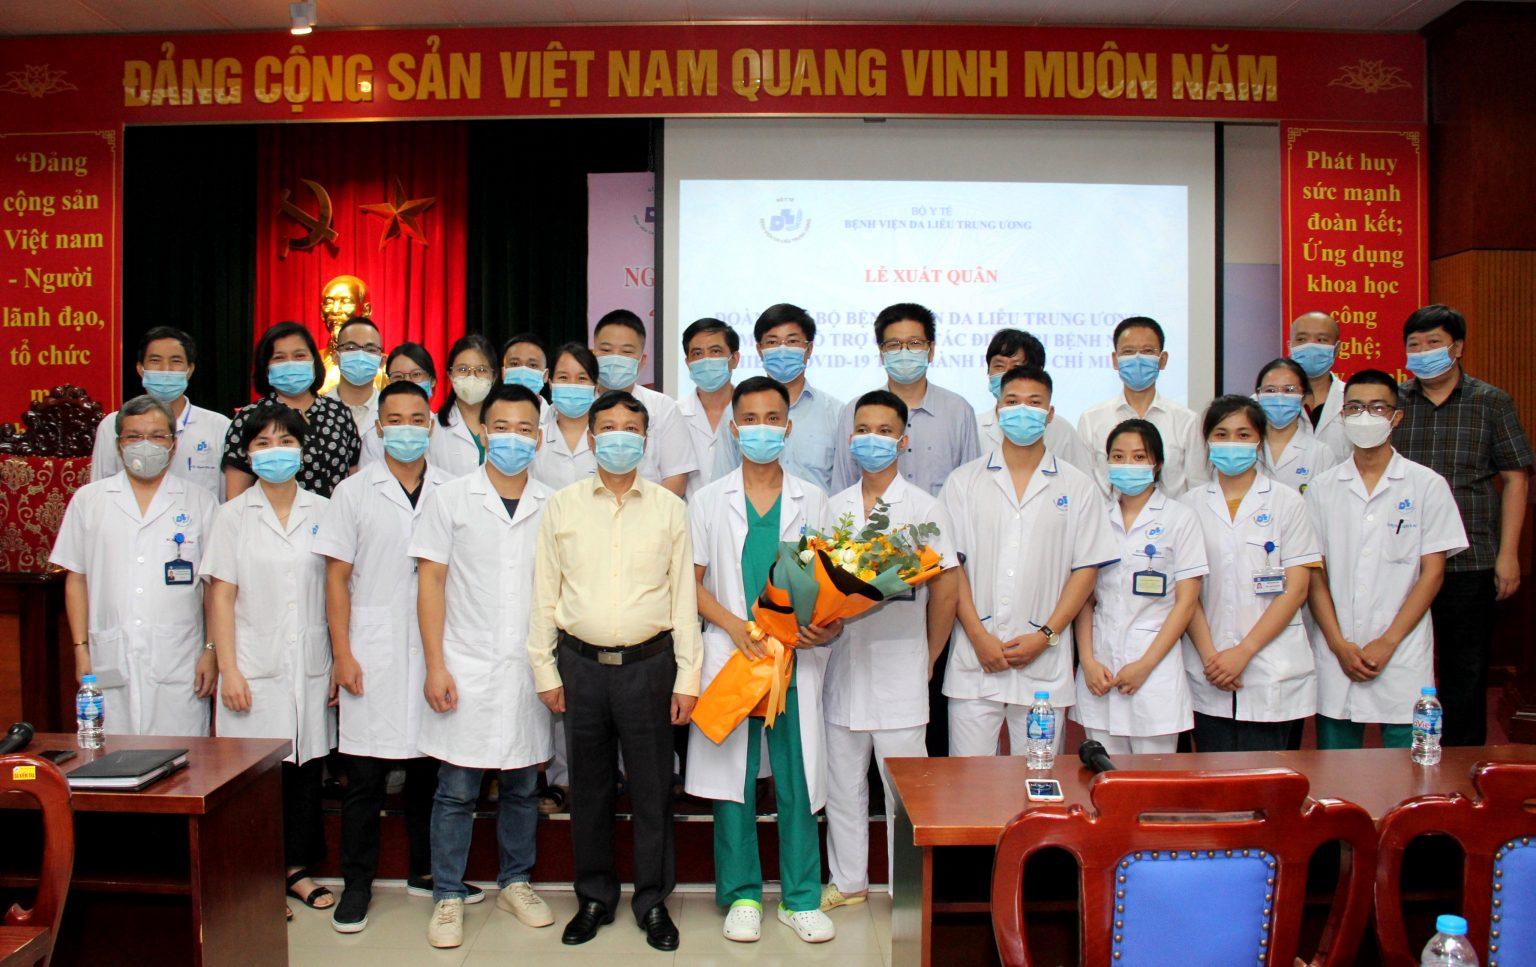 Y bác sĩ Bệnh viện Da liễu Trung ương xuất quân chi viện TP HCM. Ảnh: Bệnh viện cung cấp.